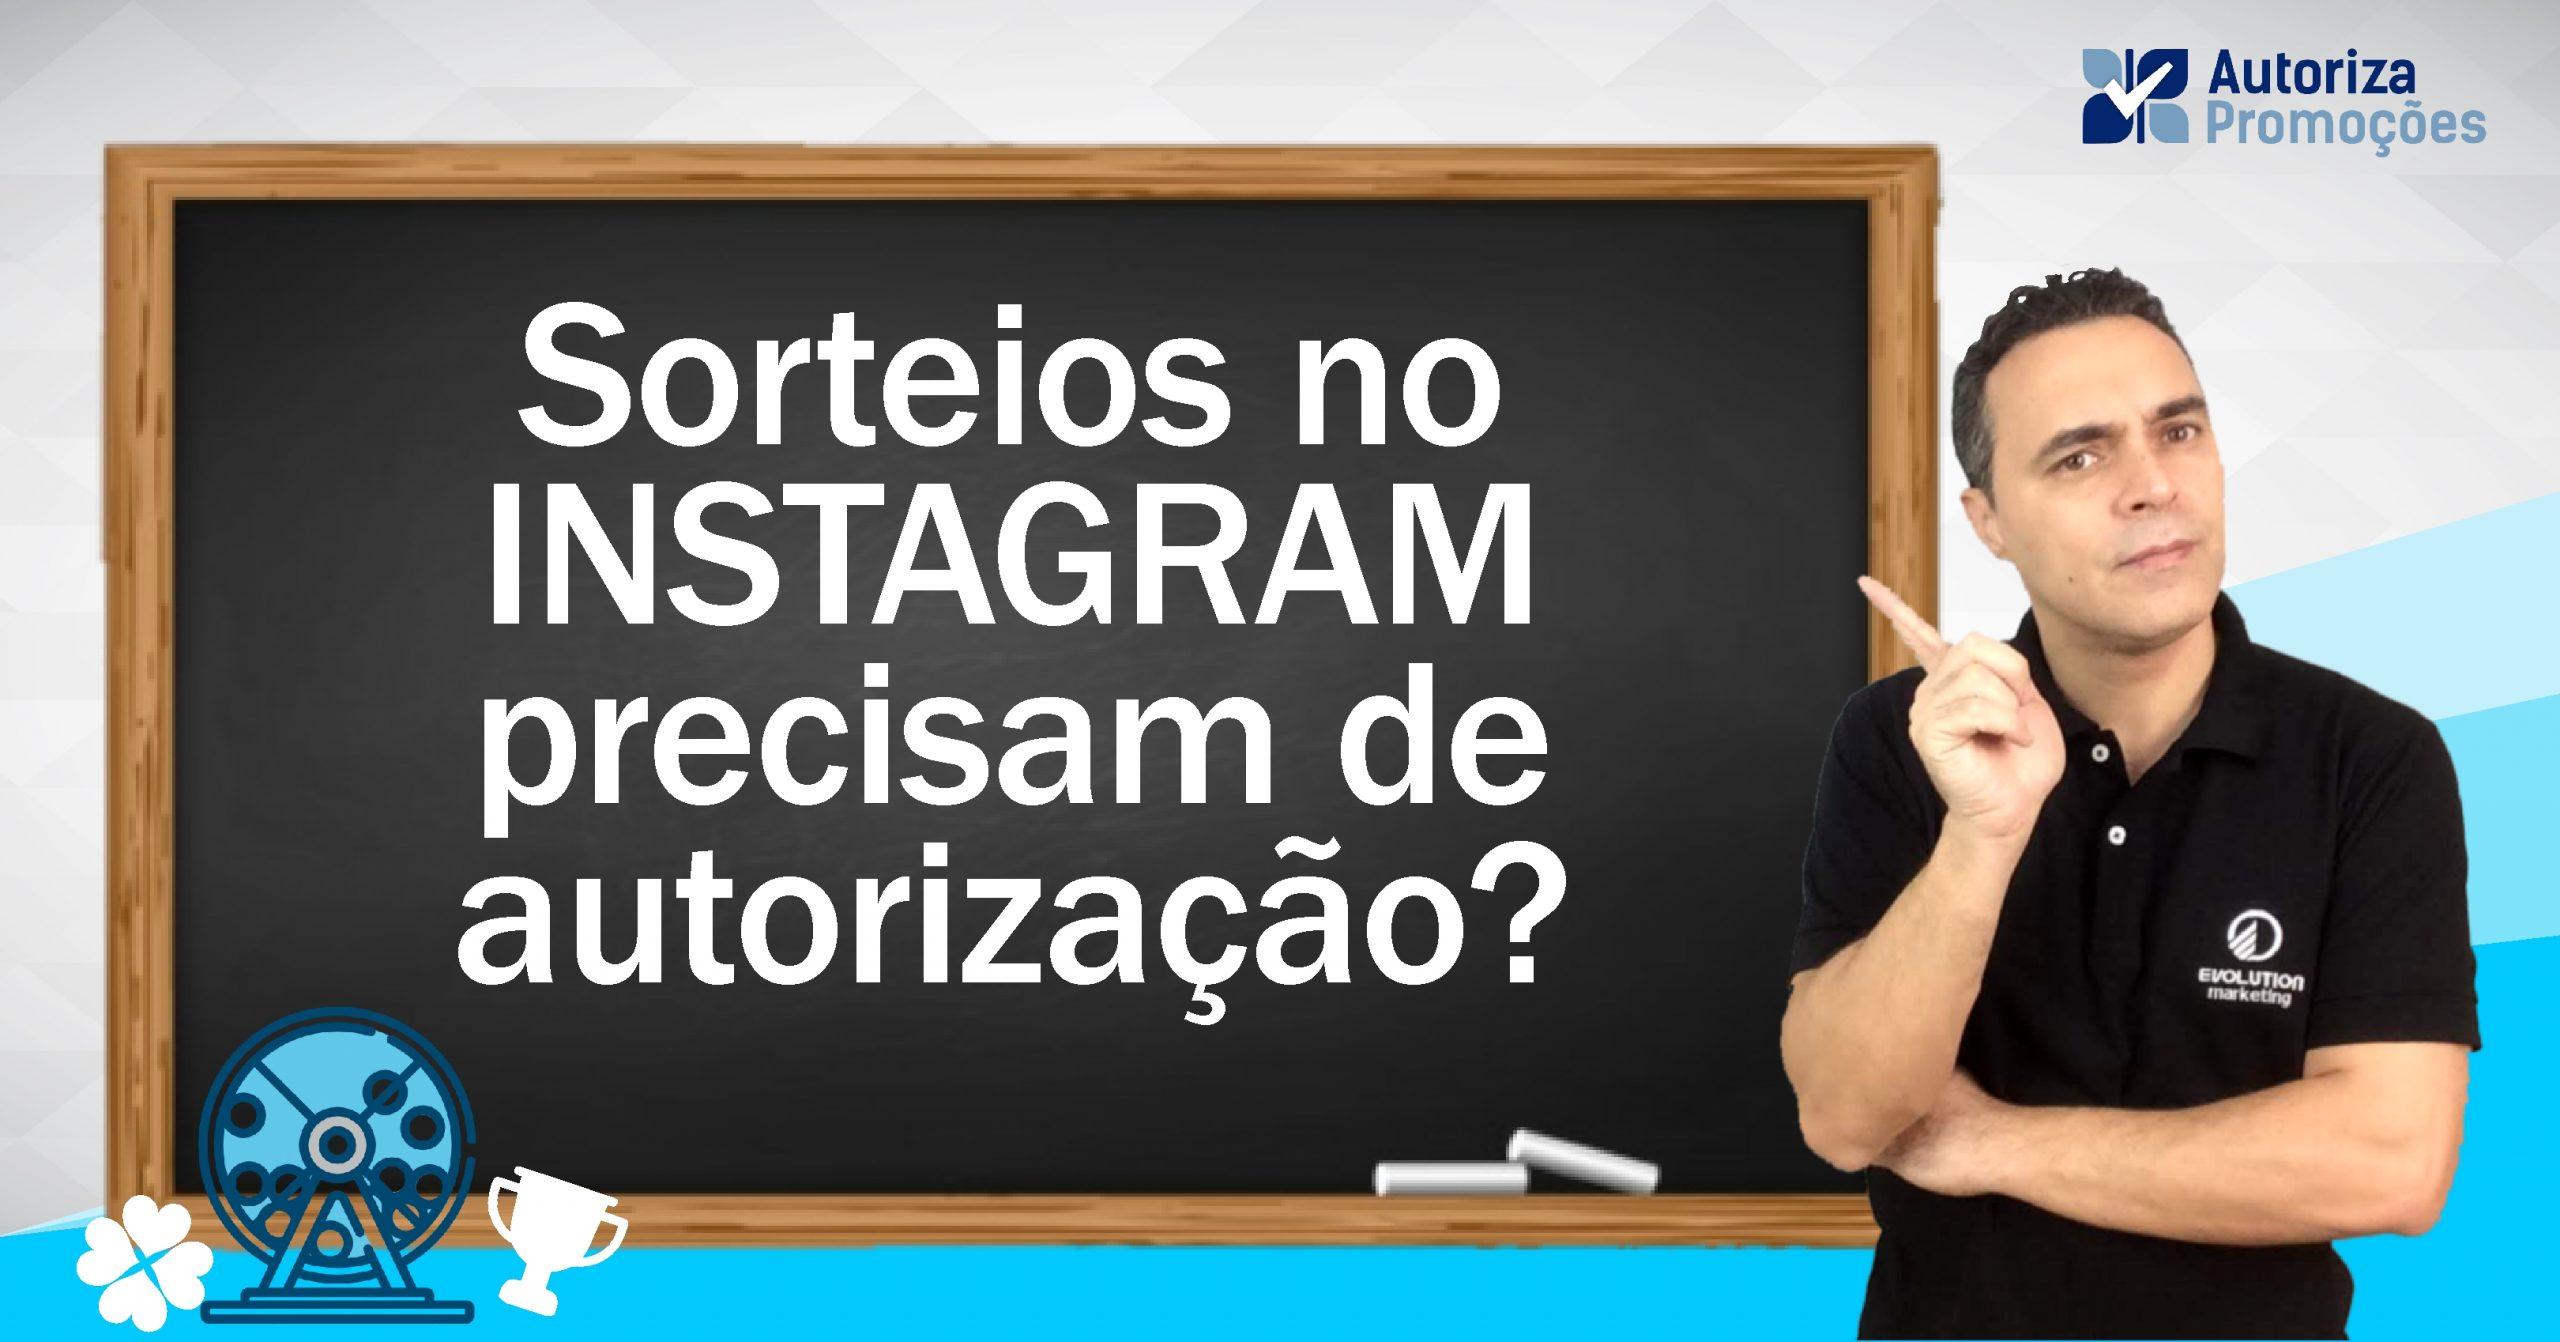 Sorteios no Instagram precisam de autorização? 1